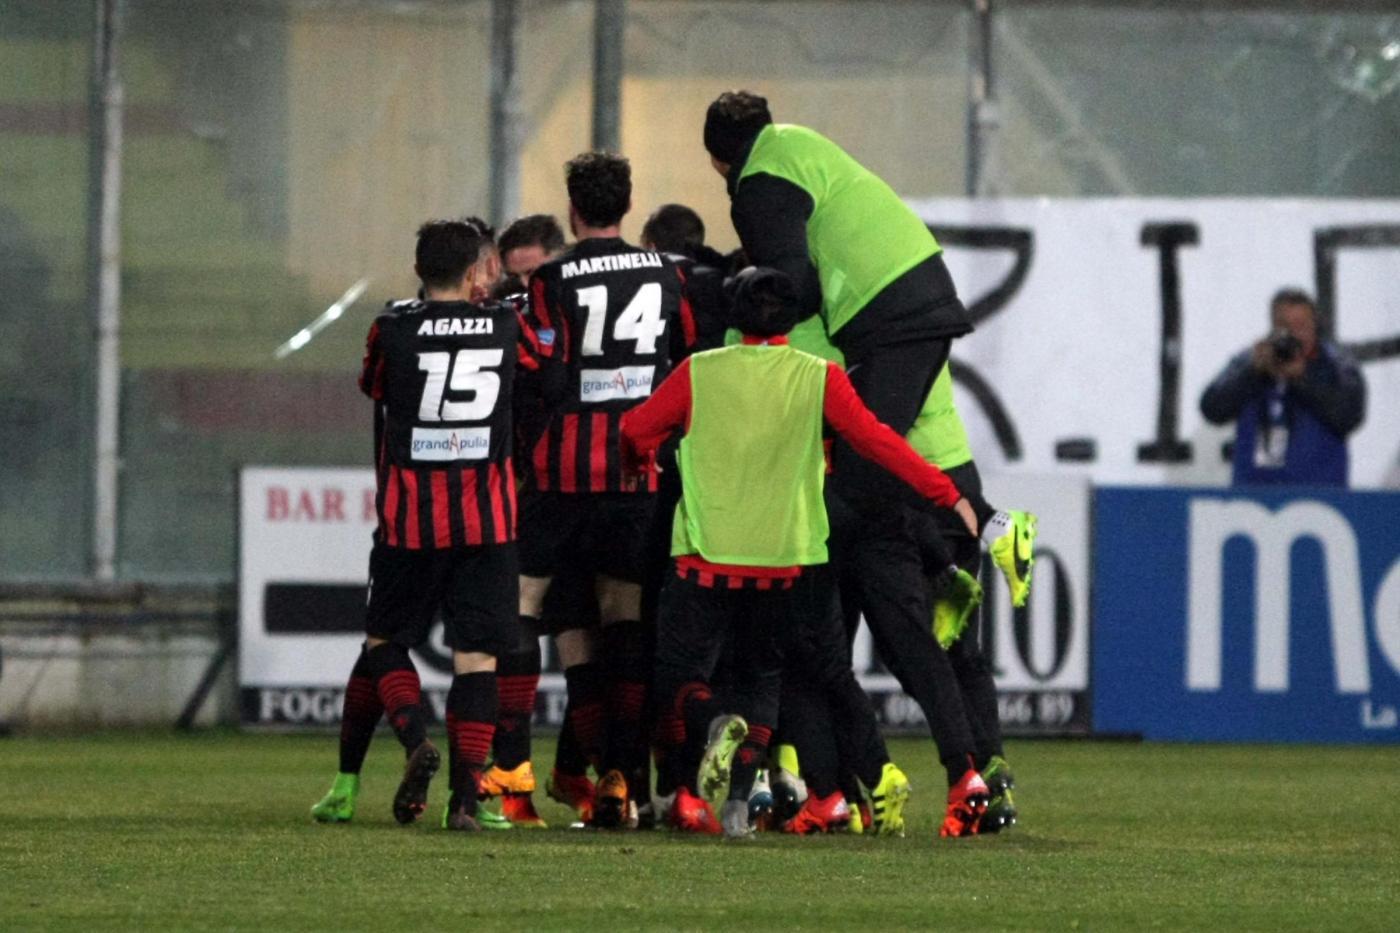 Foggia-Venezia venerdì 15 dicembre, analisi e pronostico giornata 19